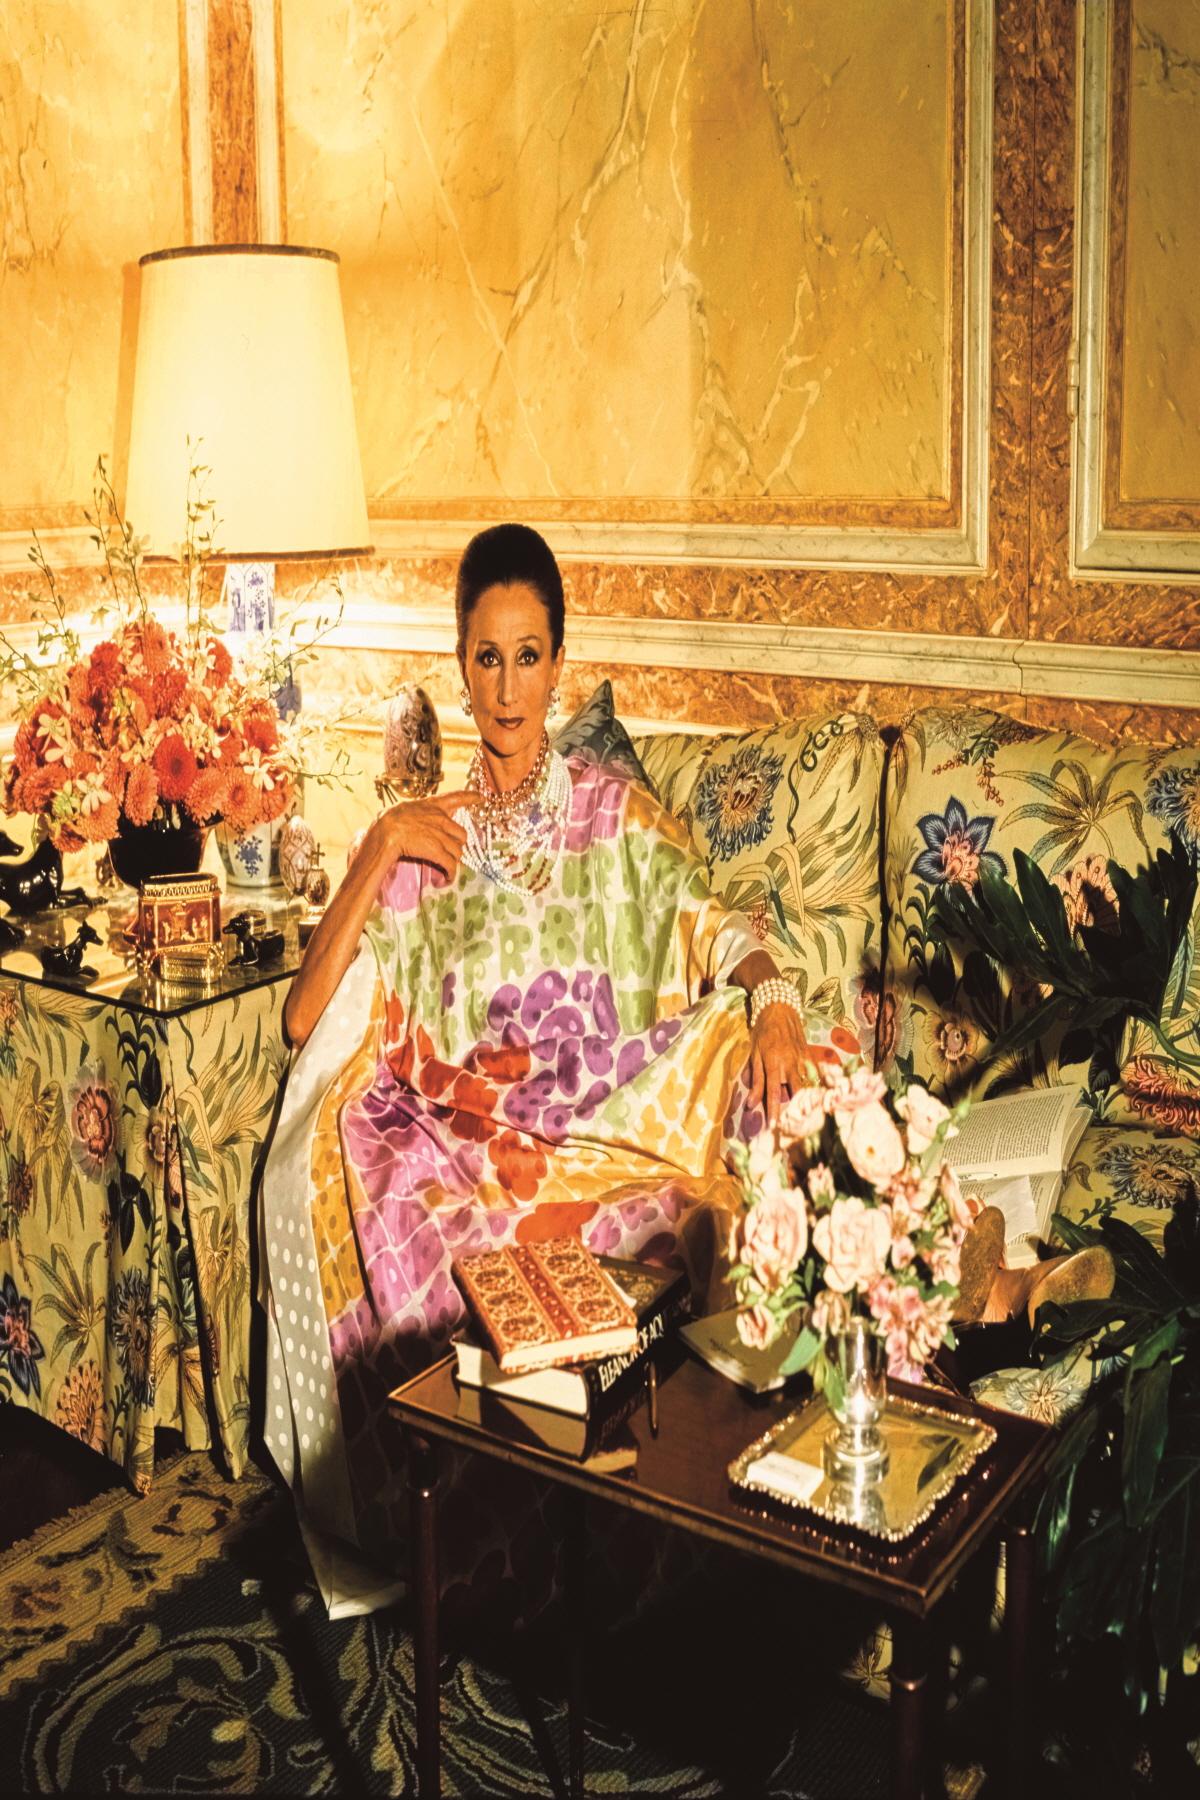 디자이너로 활동하는 자클린 드 보몽 자작부인의 1984년도 모습